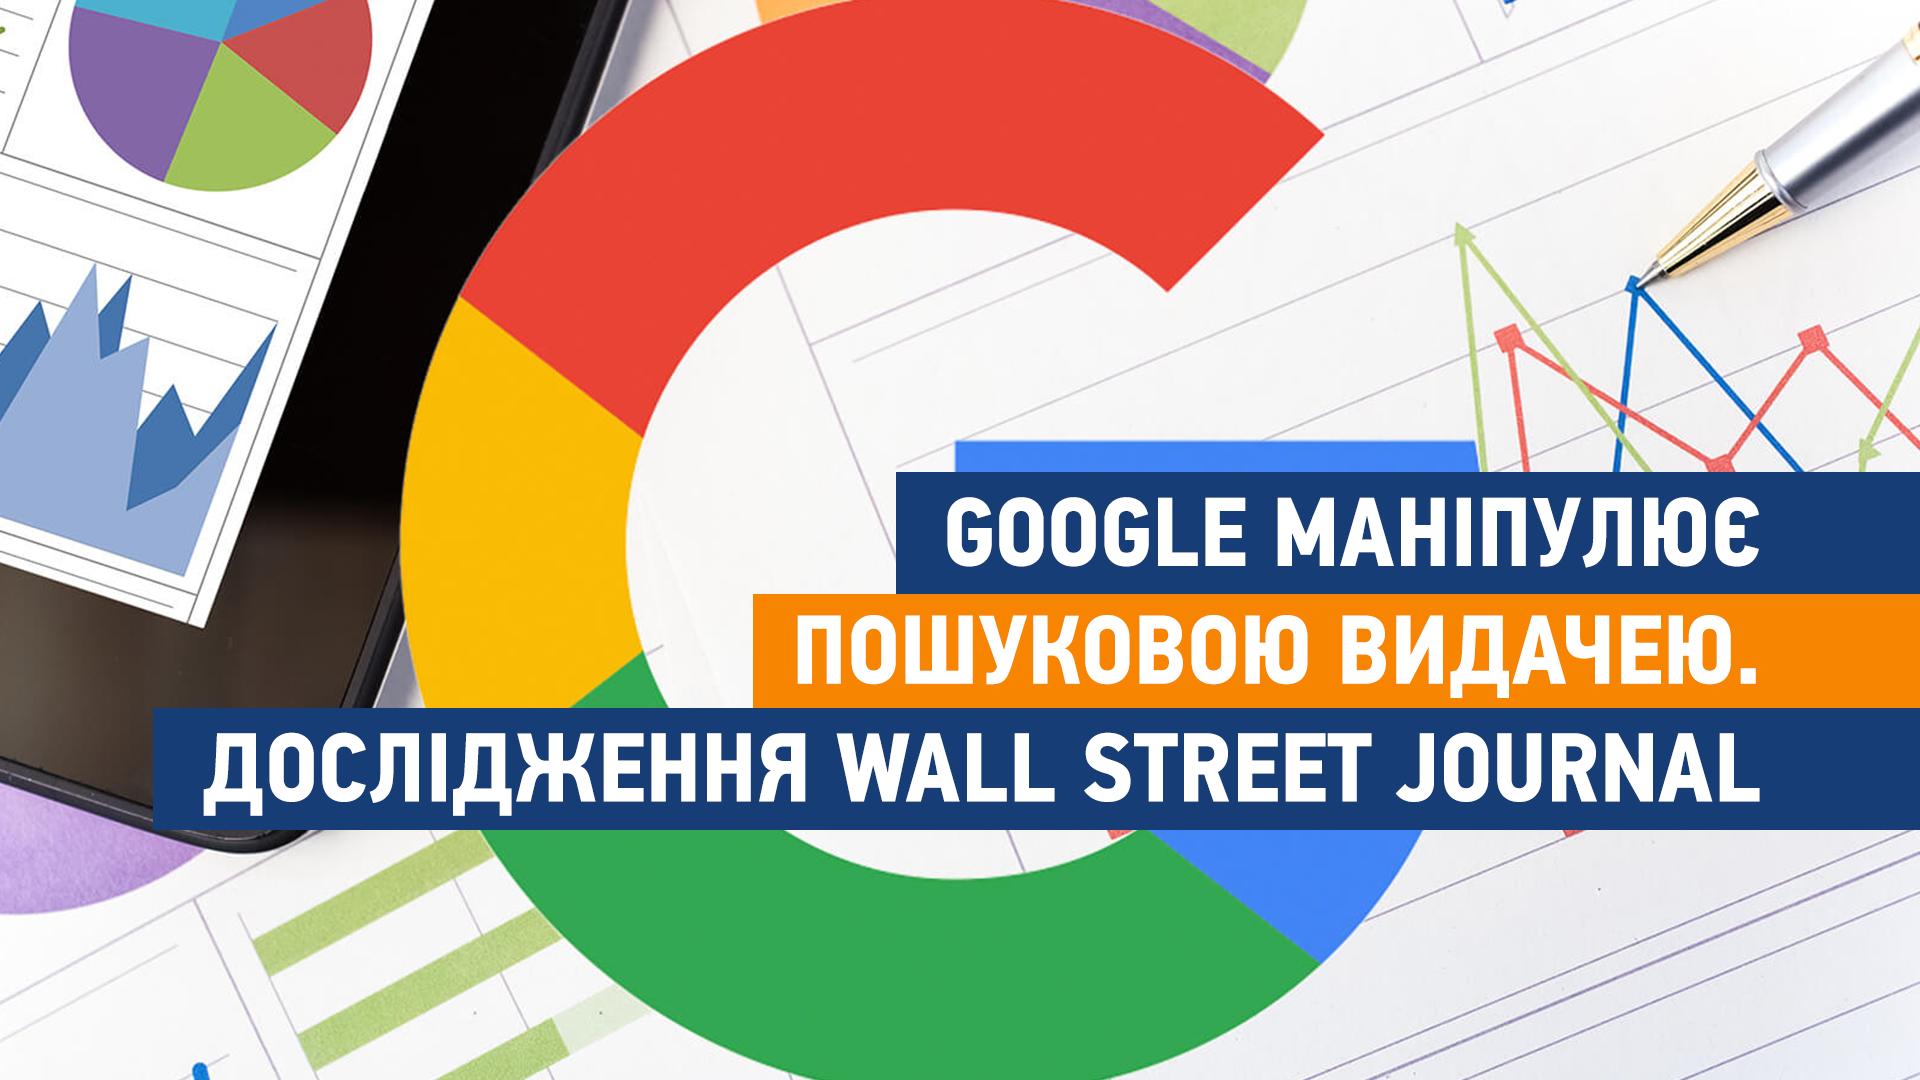 google_search_poglyad Google маніпулює пошуковою видачею. Дослідження Wall Street Journal